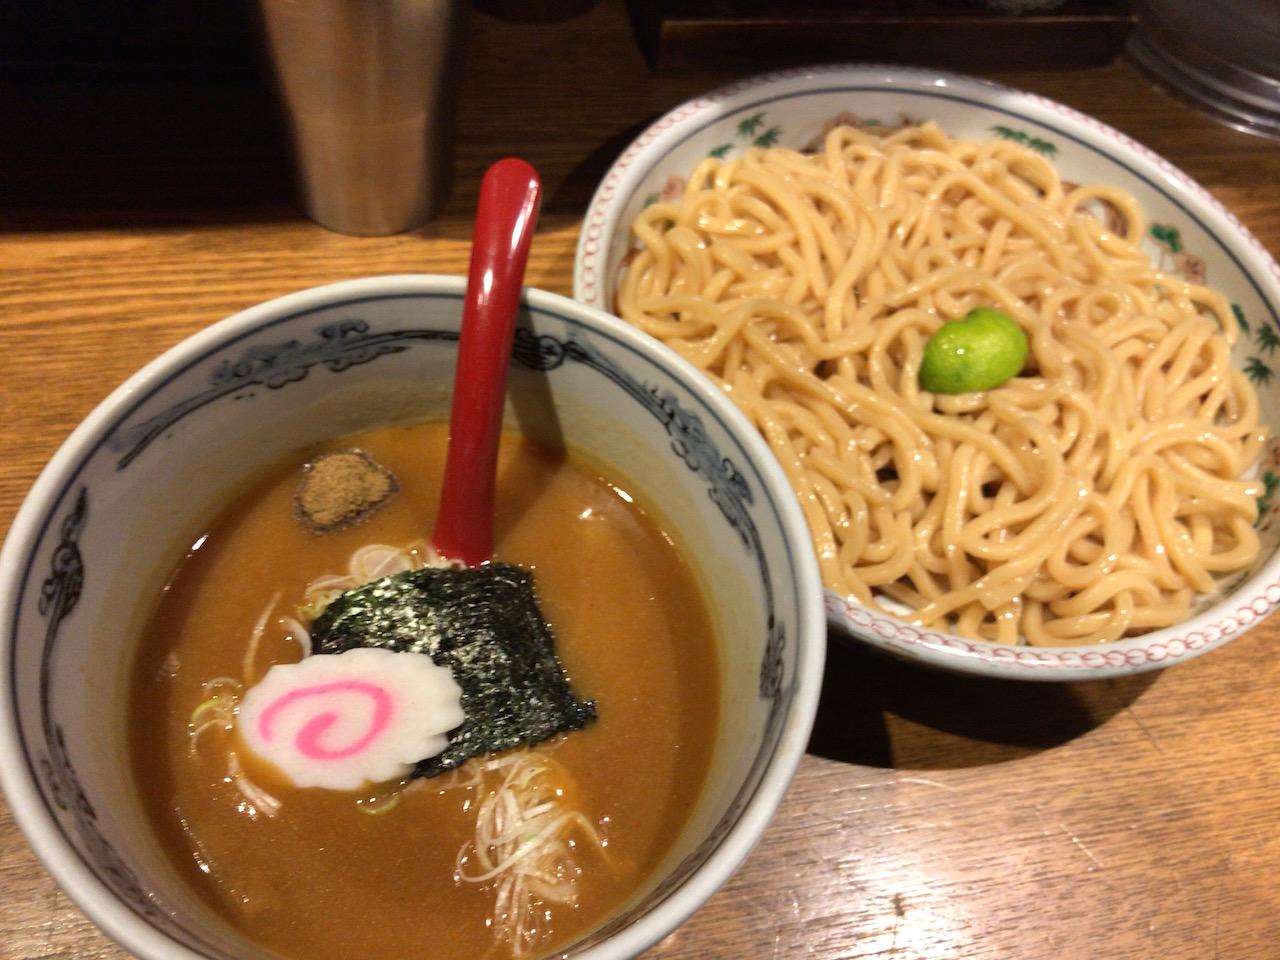 姫路みゆき通りの中にあるラーメン屋 麺や六三六で人気のつけ麺食べてきた